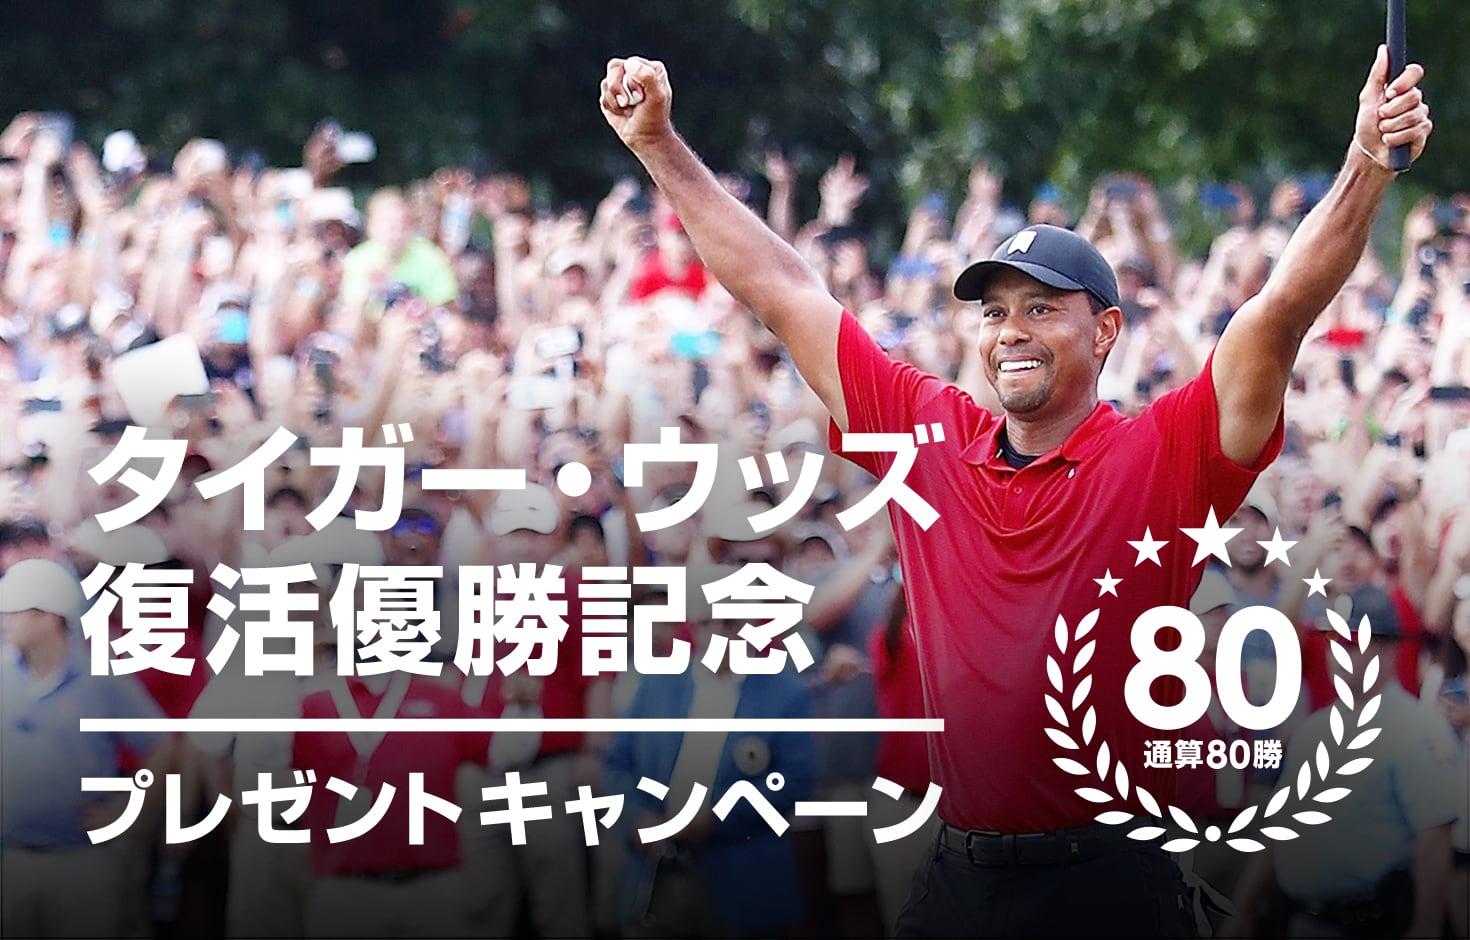 タイガー・ウッズ復活優勝記念プレゼントキャンペーン